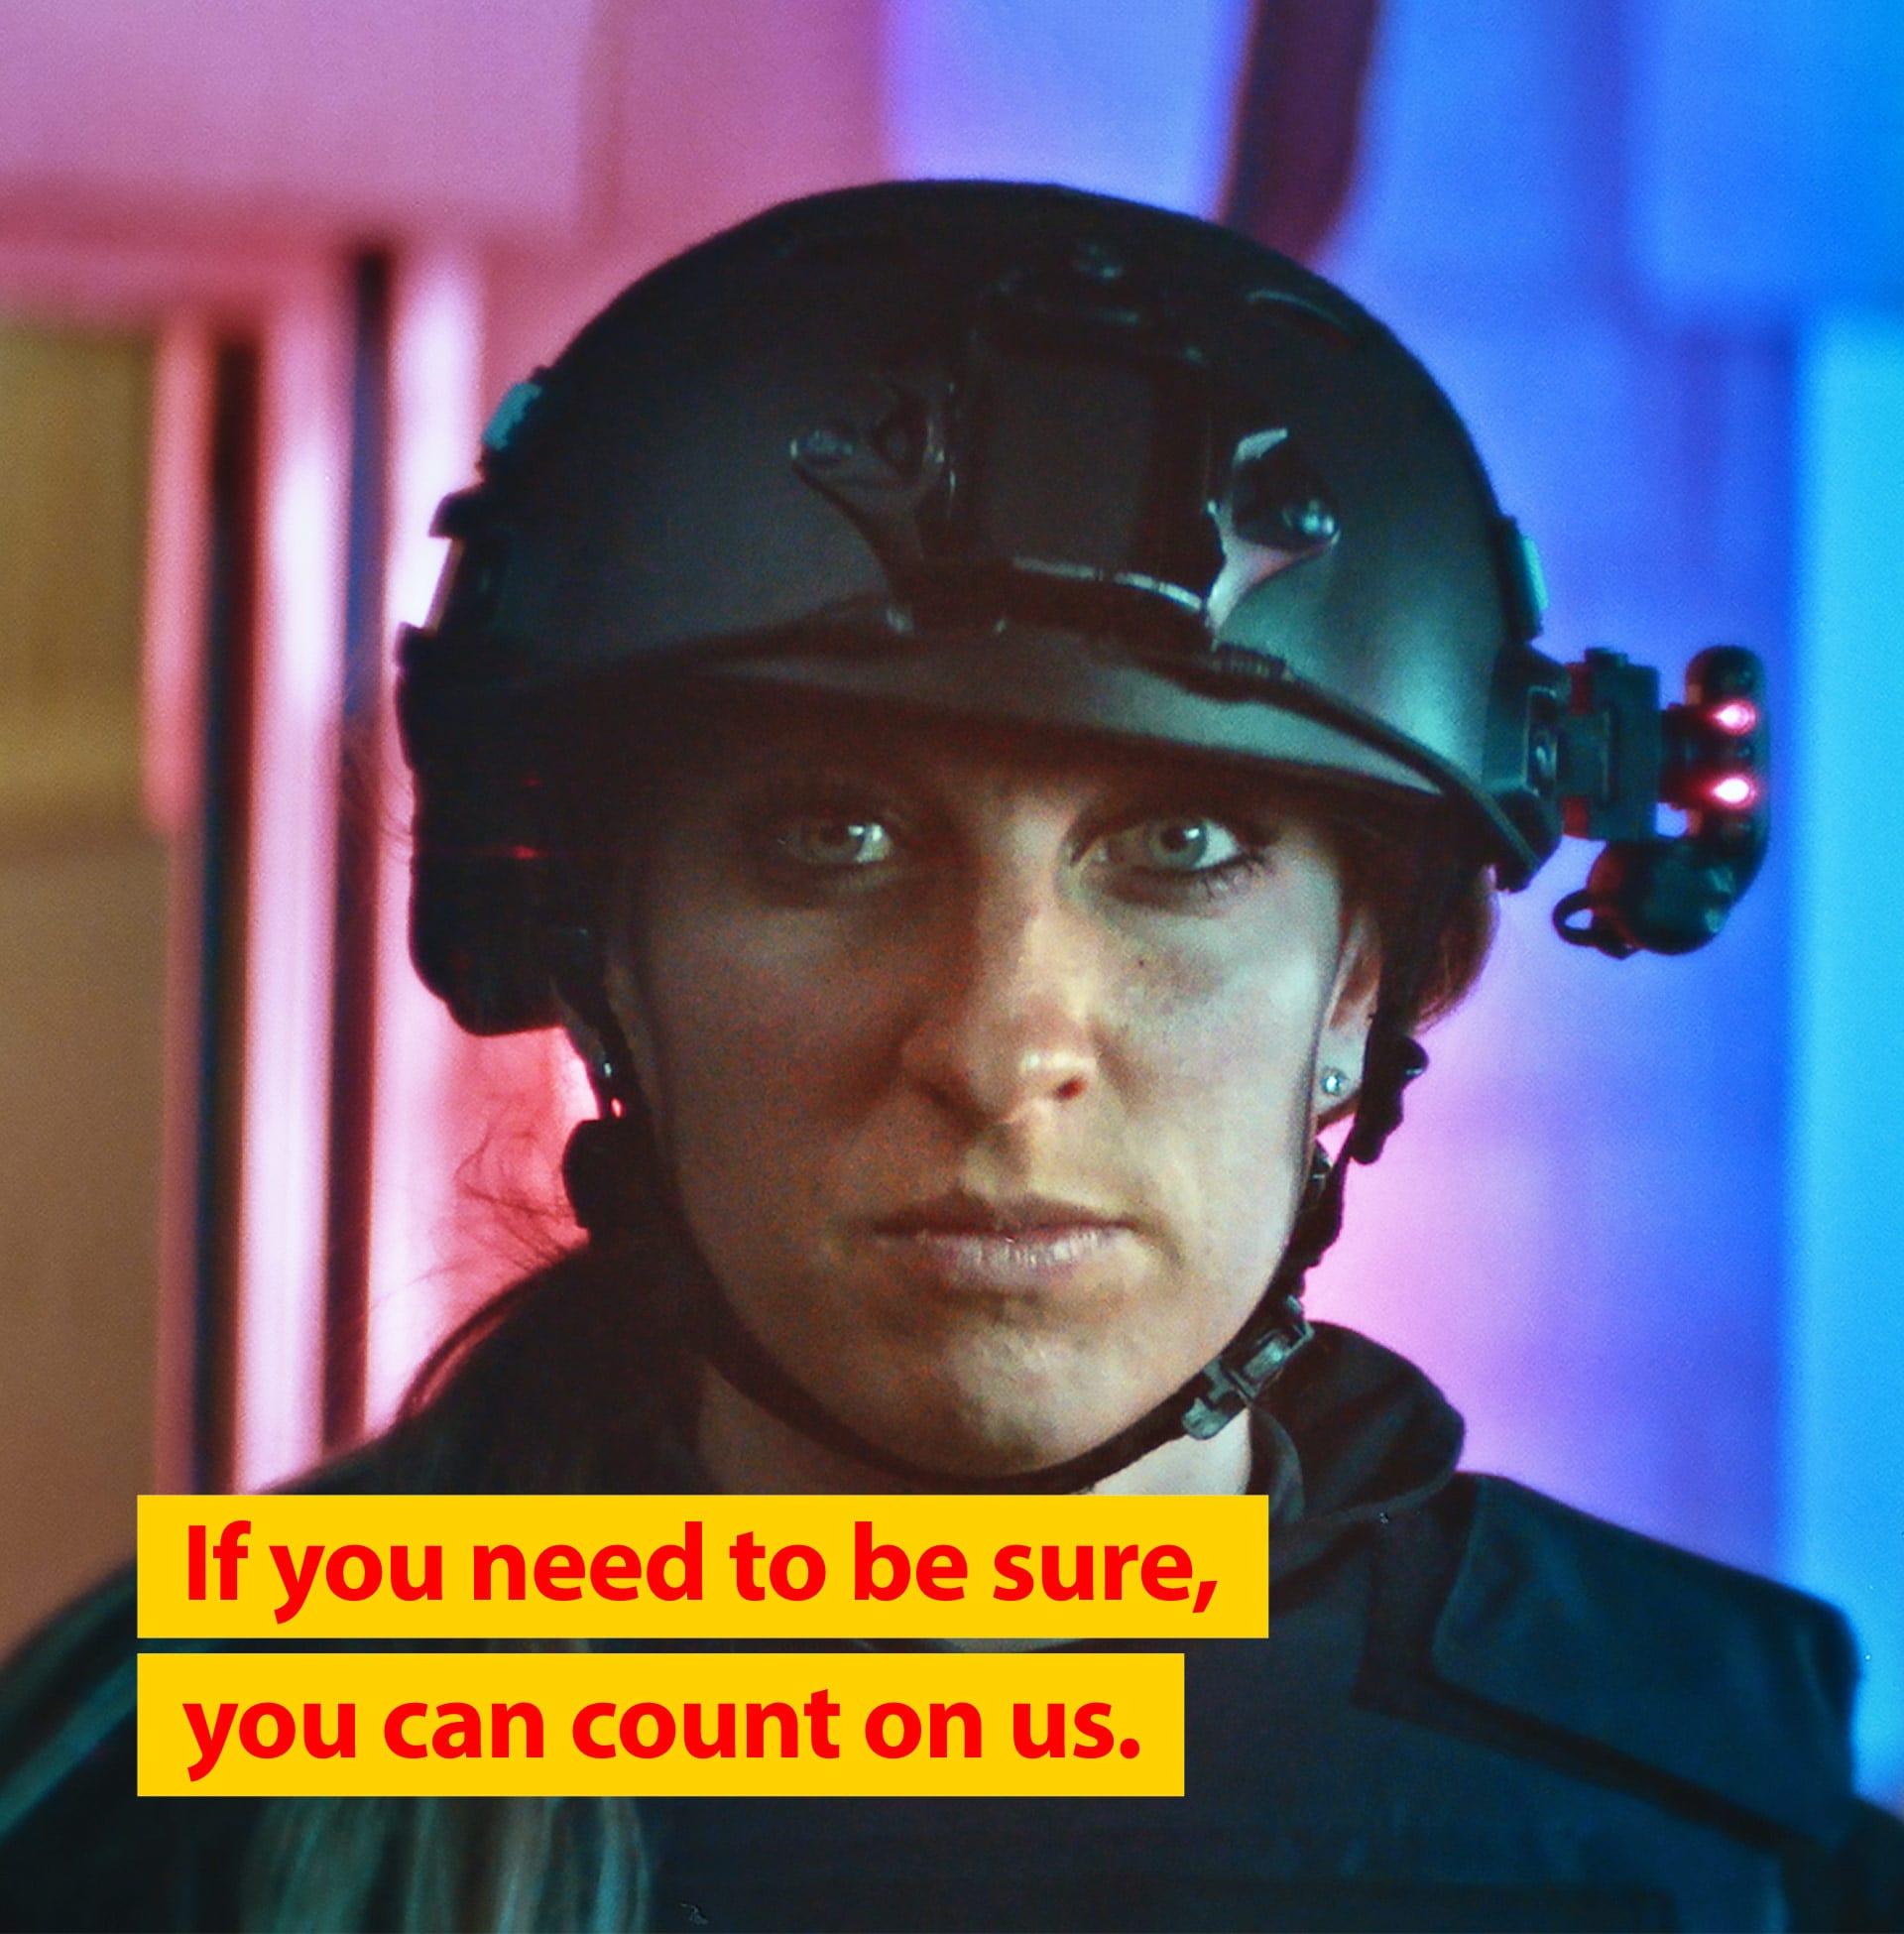 Display advertising SWAT politieagent als onderdeel van campagne Safety & Life protection van Teijin Aramid